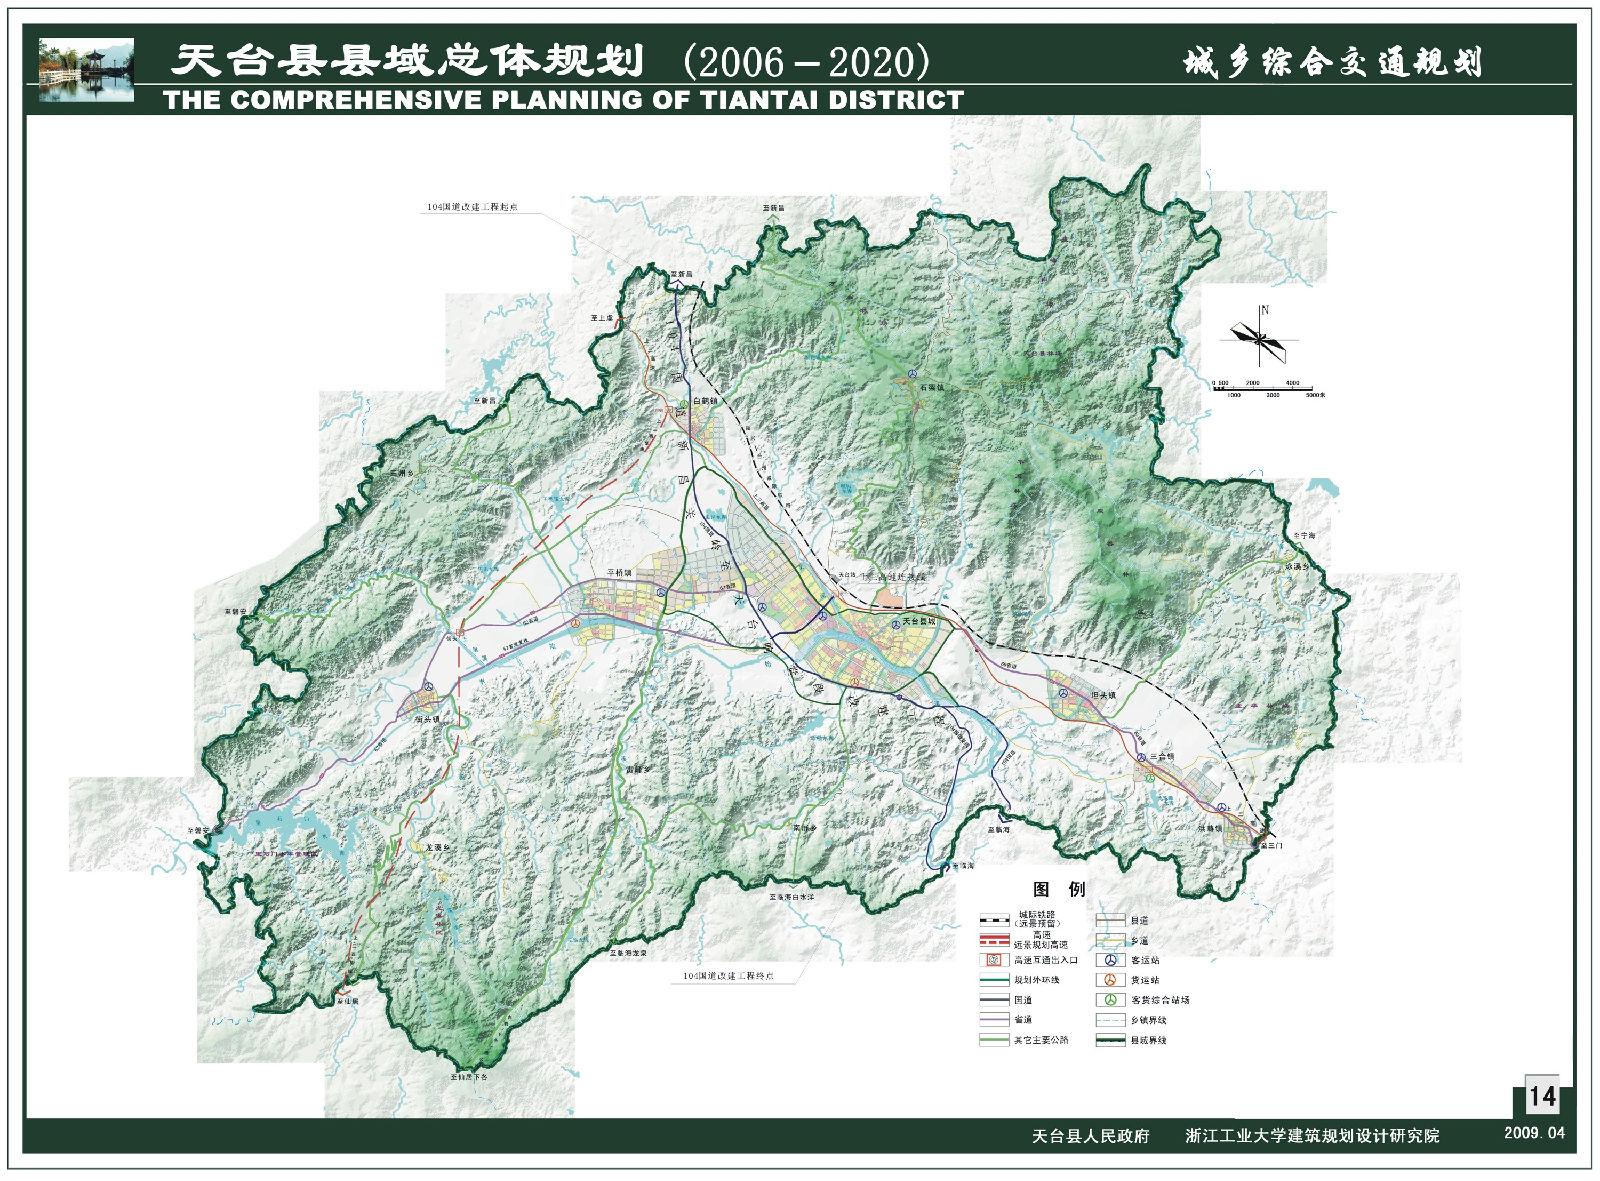 天台县县域规划图(2006-2020)_天台吧_百度贴吧